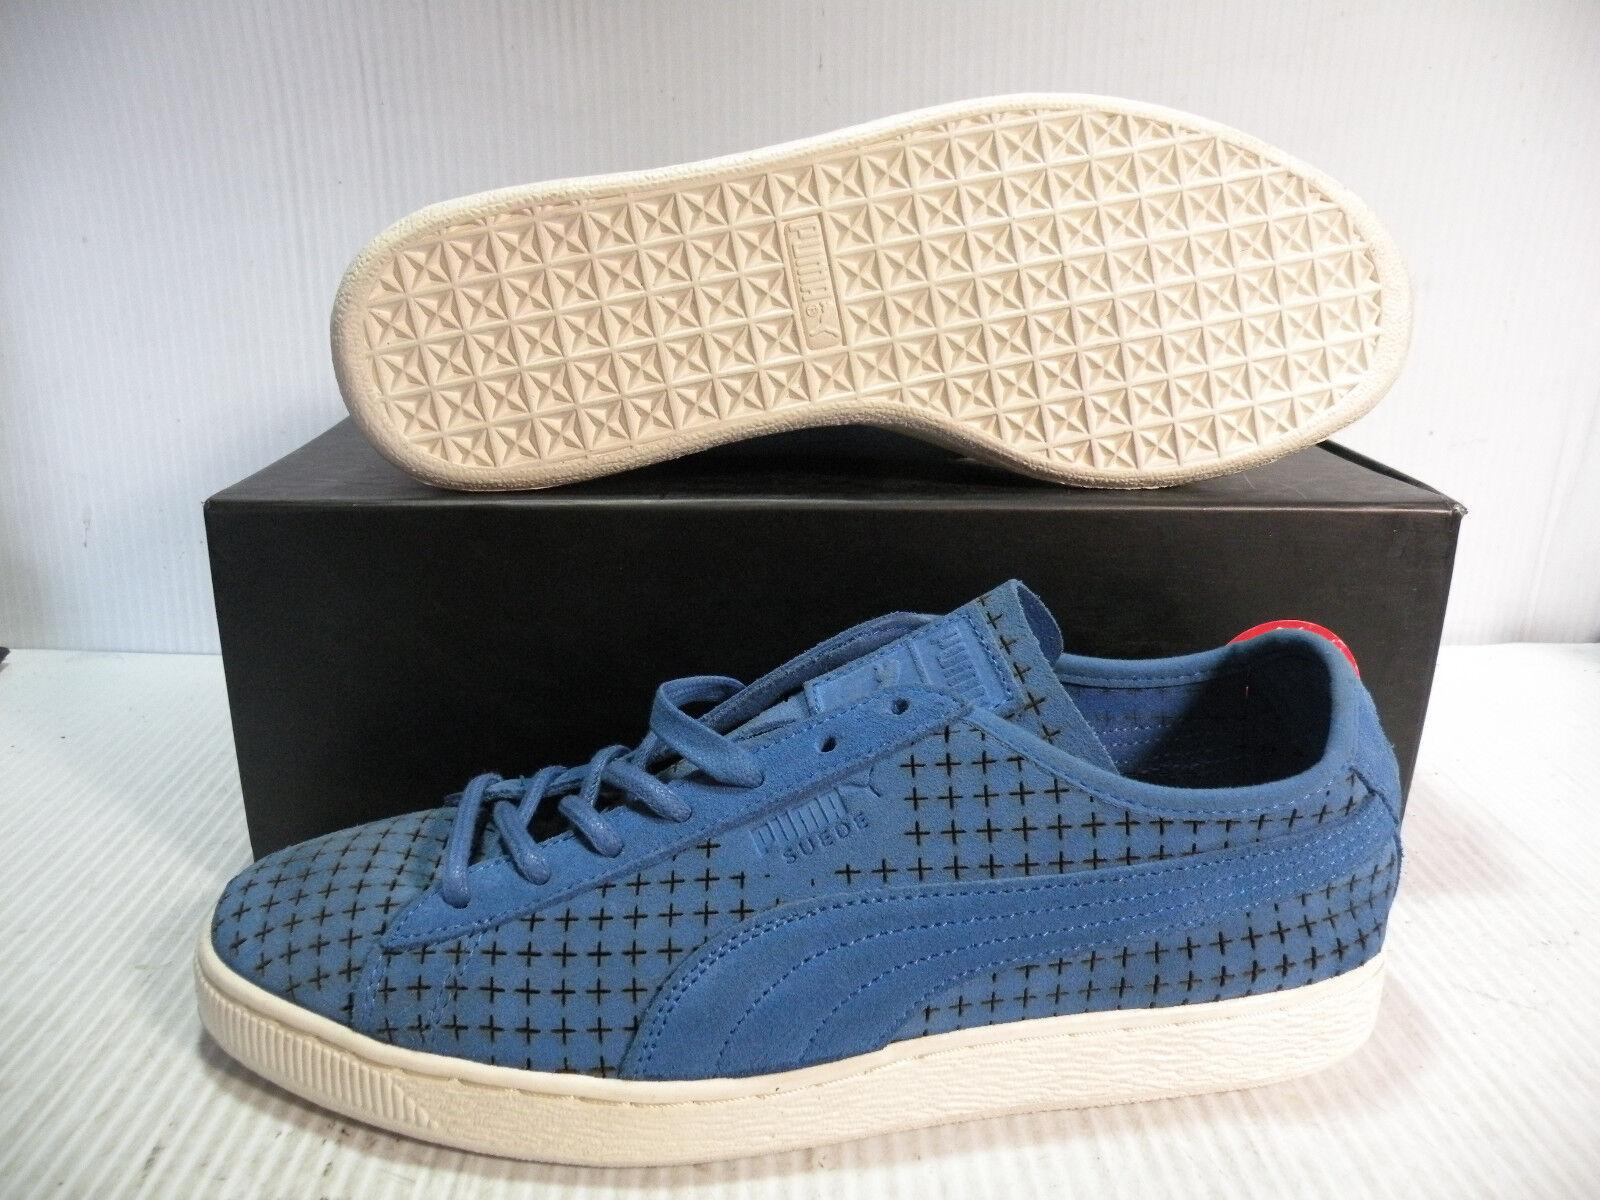 Puma camoscio a bordo campo scarpe perf basso tennis uomini scarpe campo regioni 358441-05 10,5 nuove dimensioni 0e418d